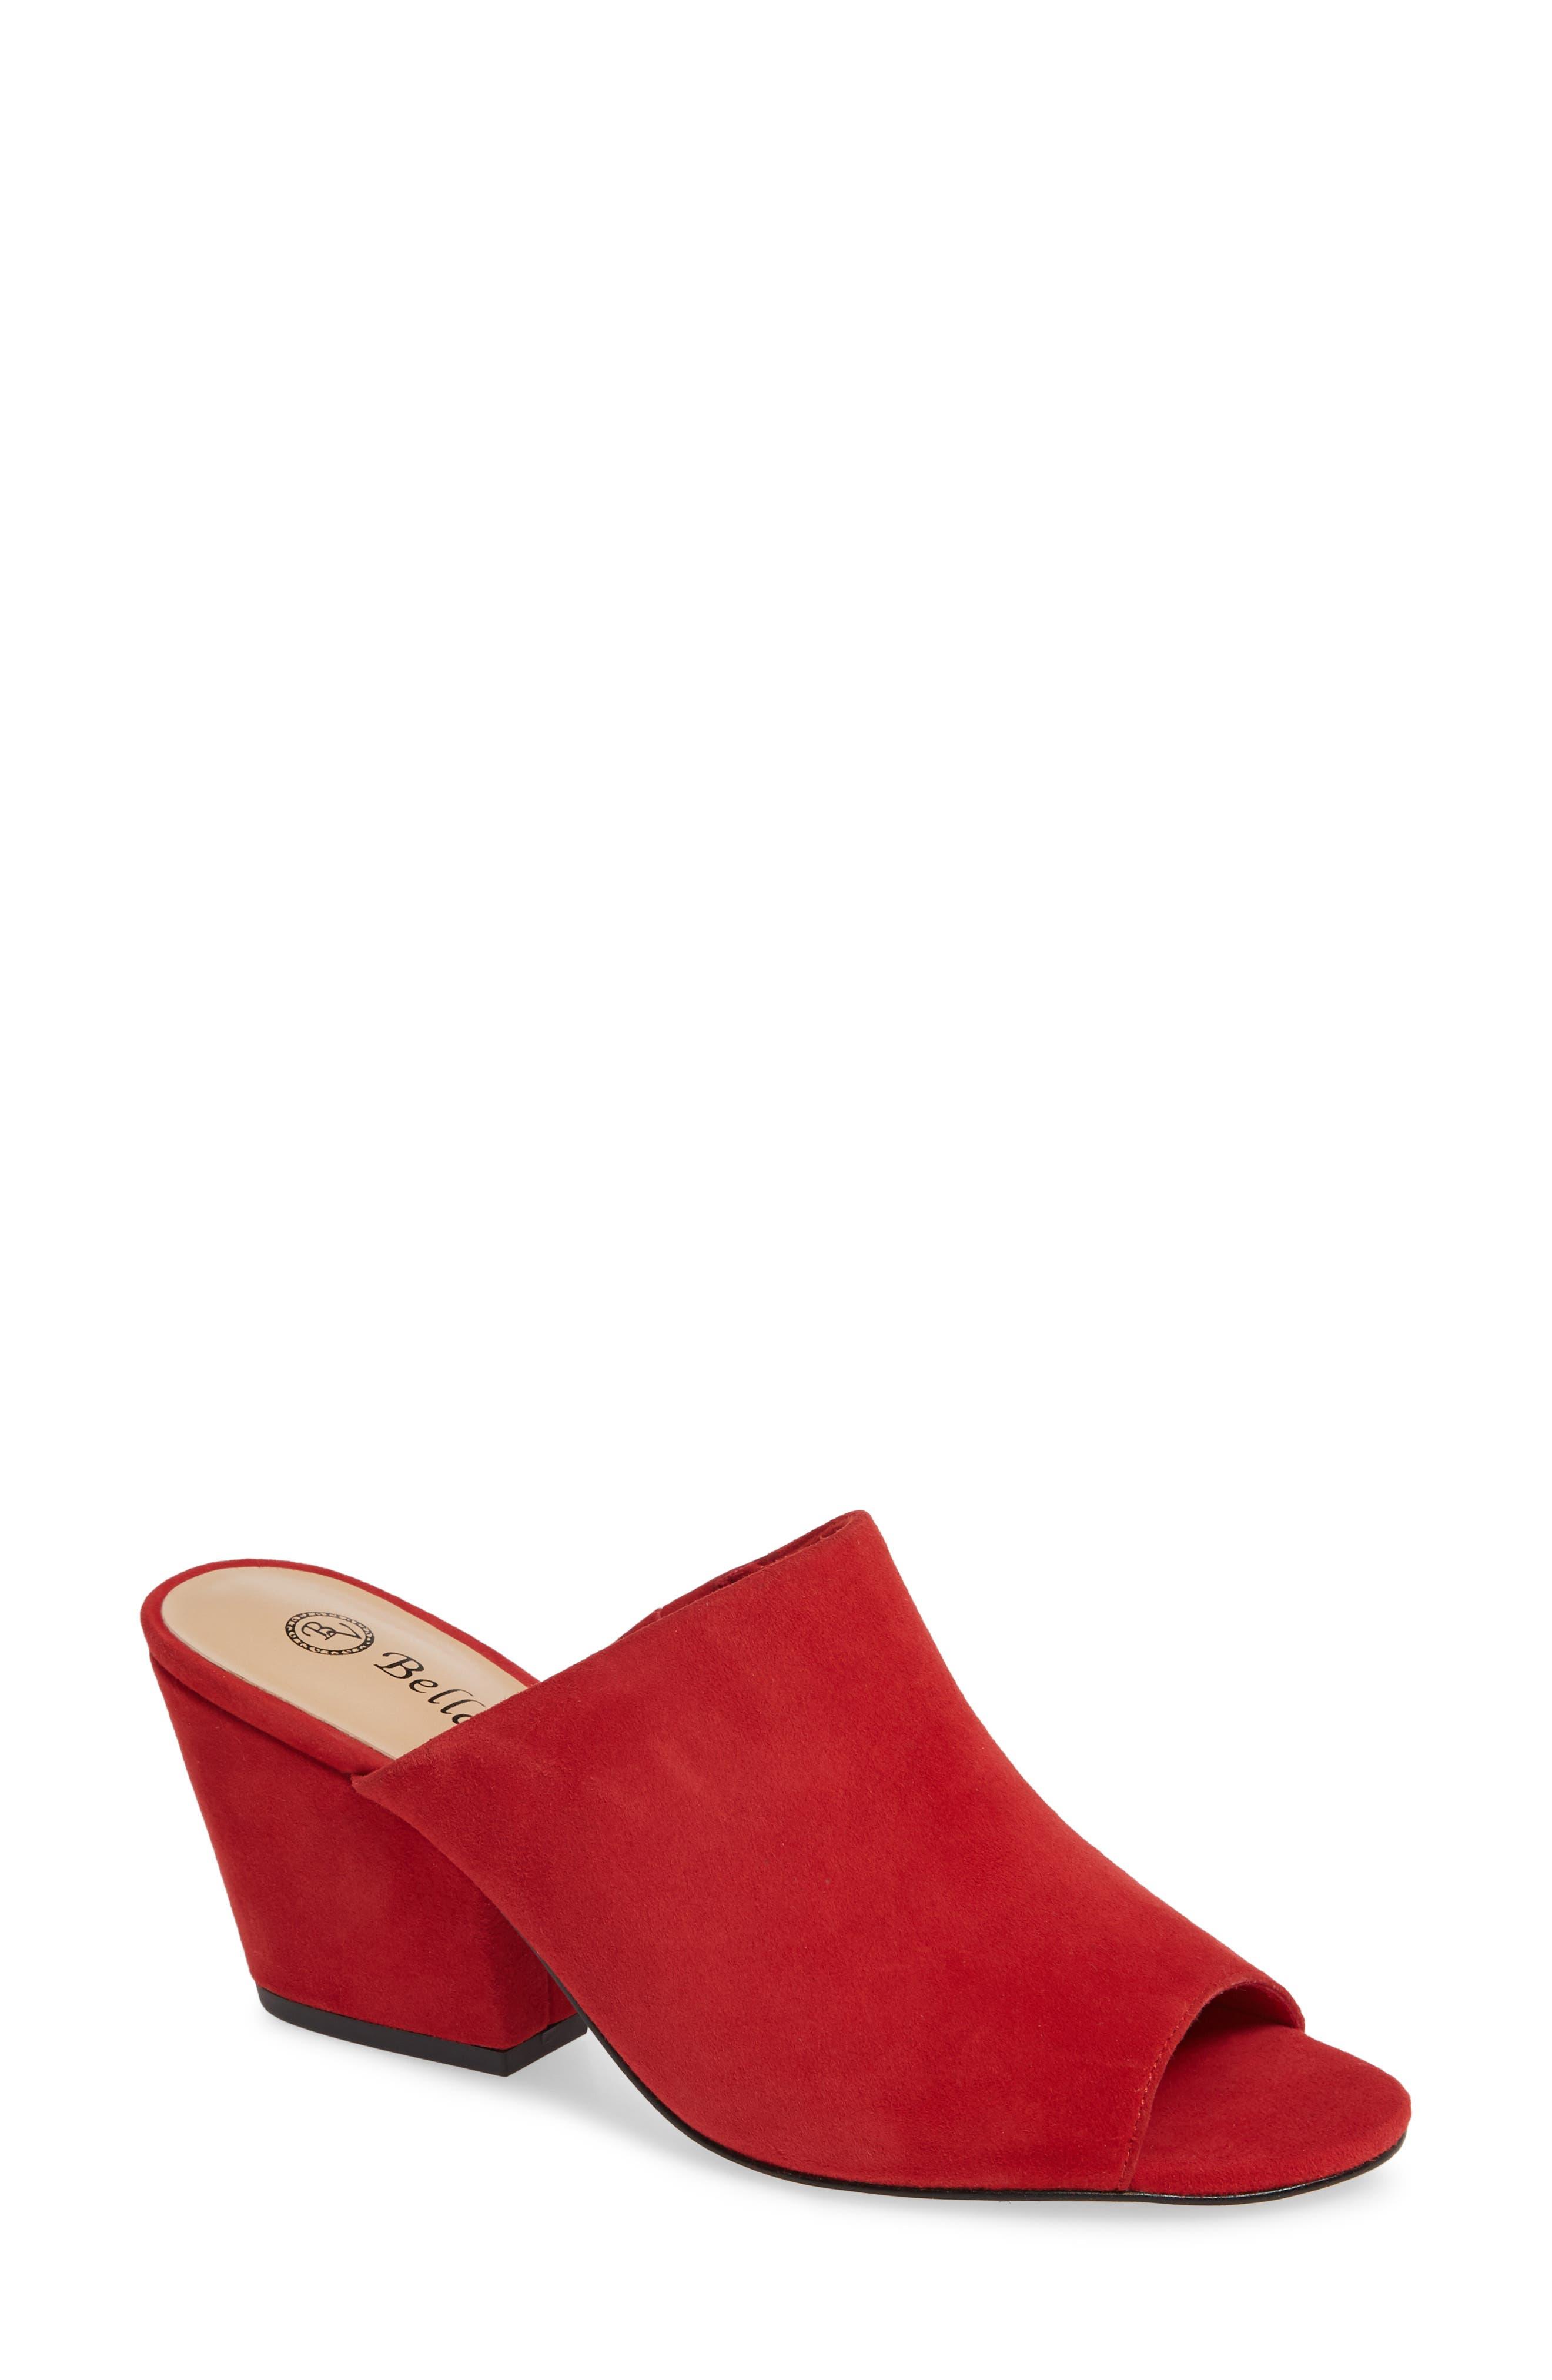 Bella Vita Kathy Open Toe Mule W - Red